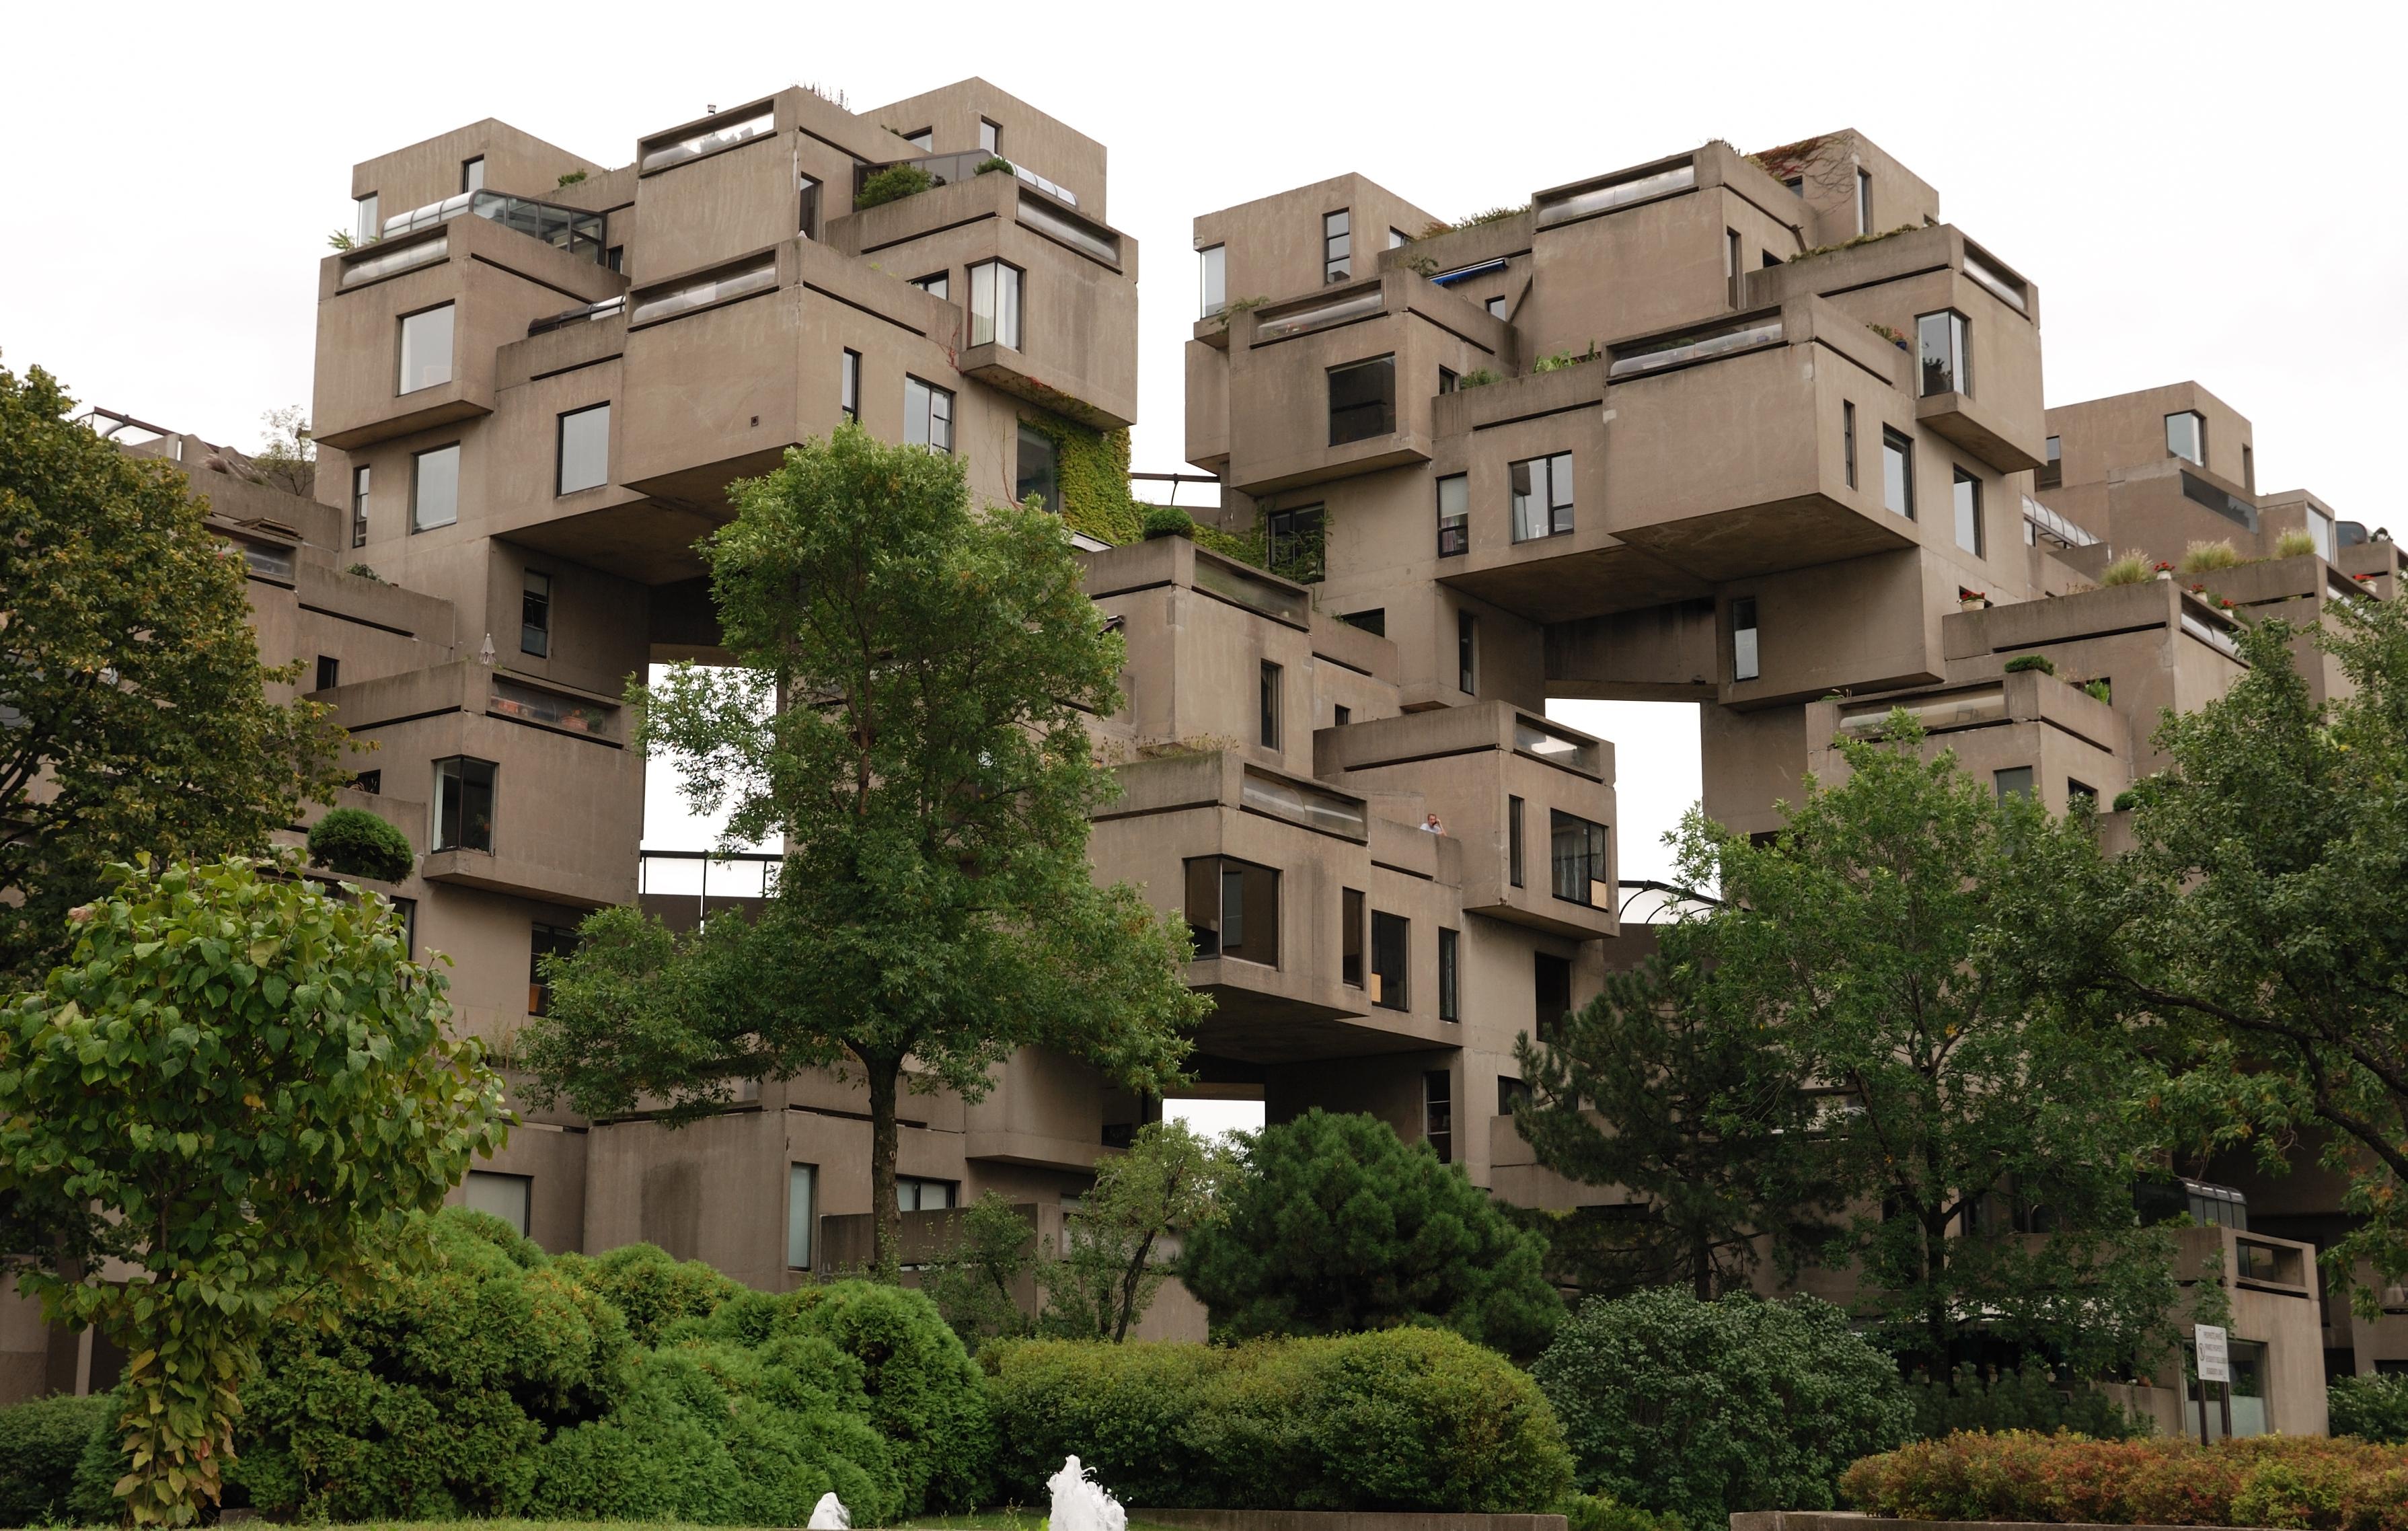 arquitectura-brutalista